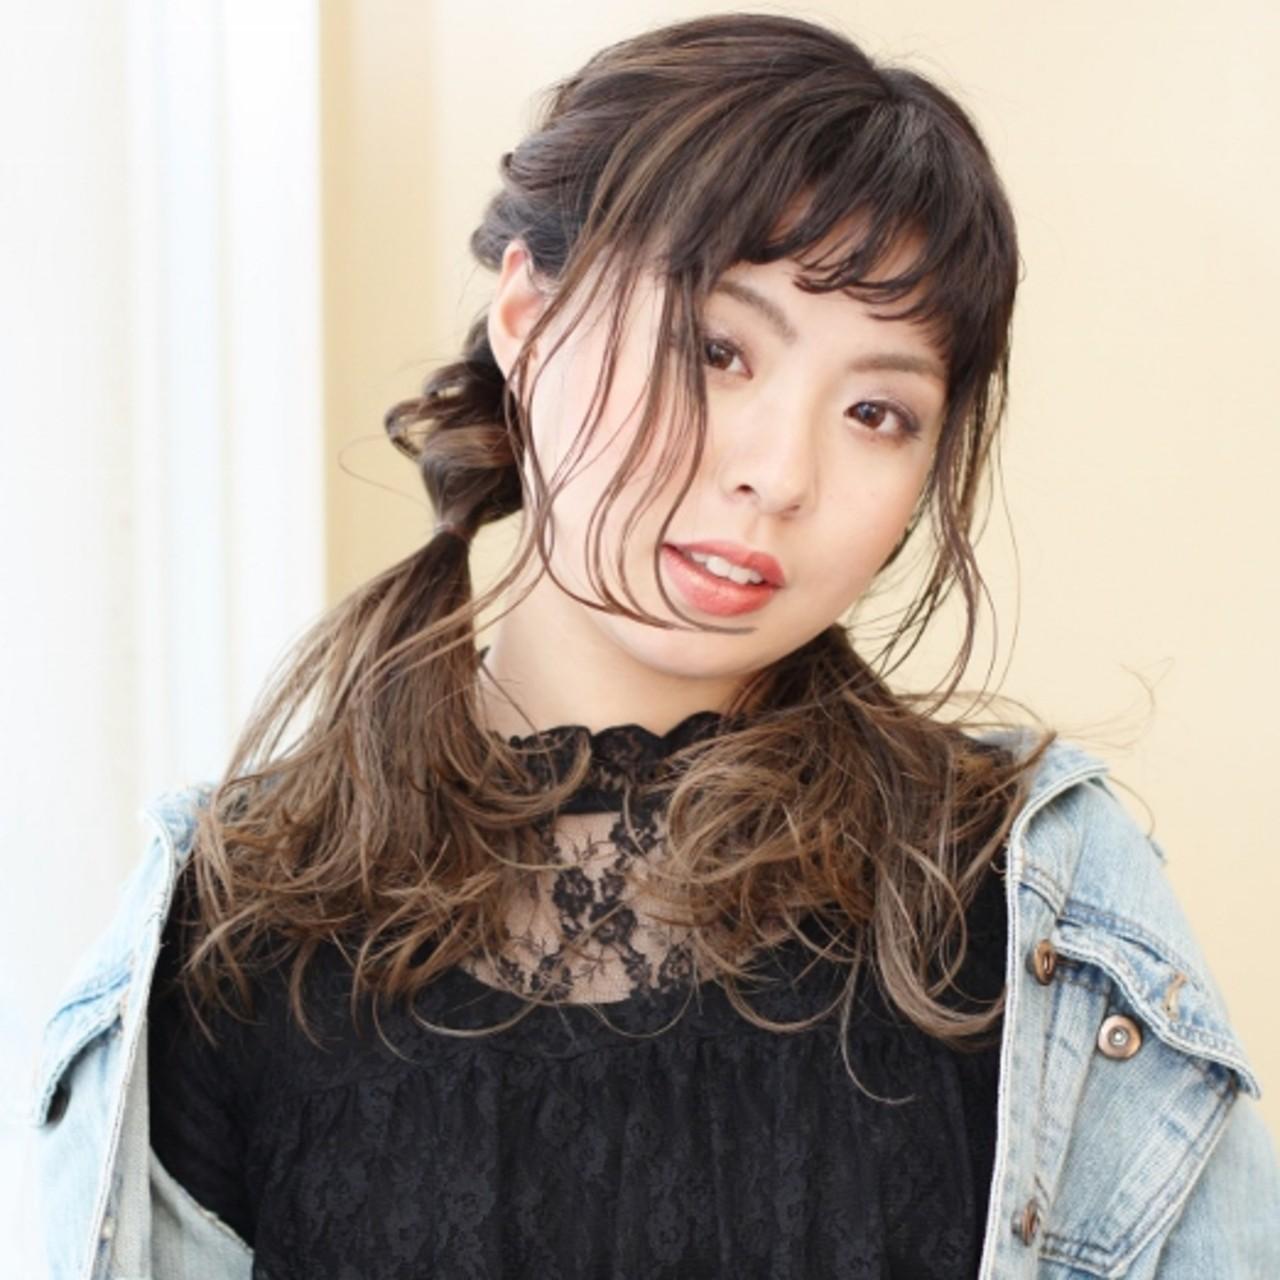 ダブルカラー ナチュラル セミロング ツインテール ヘアスタイルや髪型の写真・画像 | 北村 雄吾 / piece